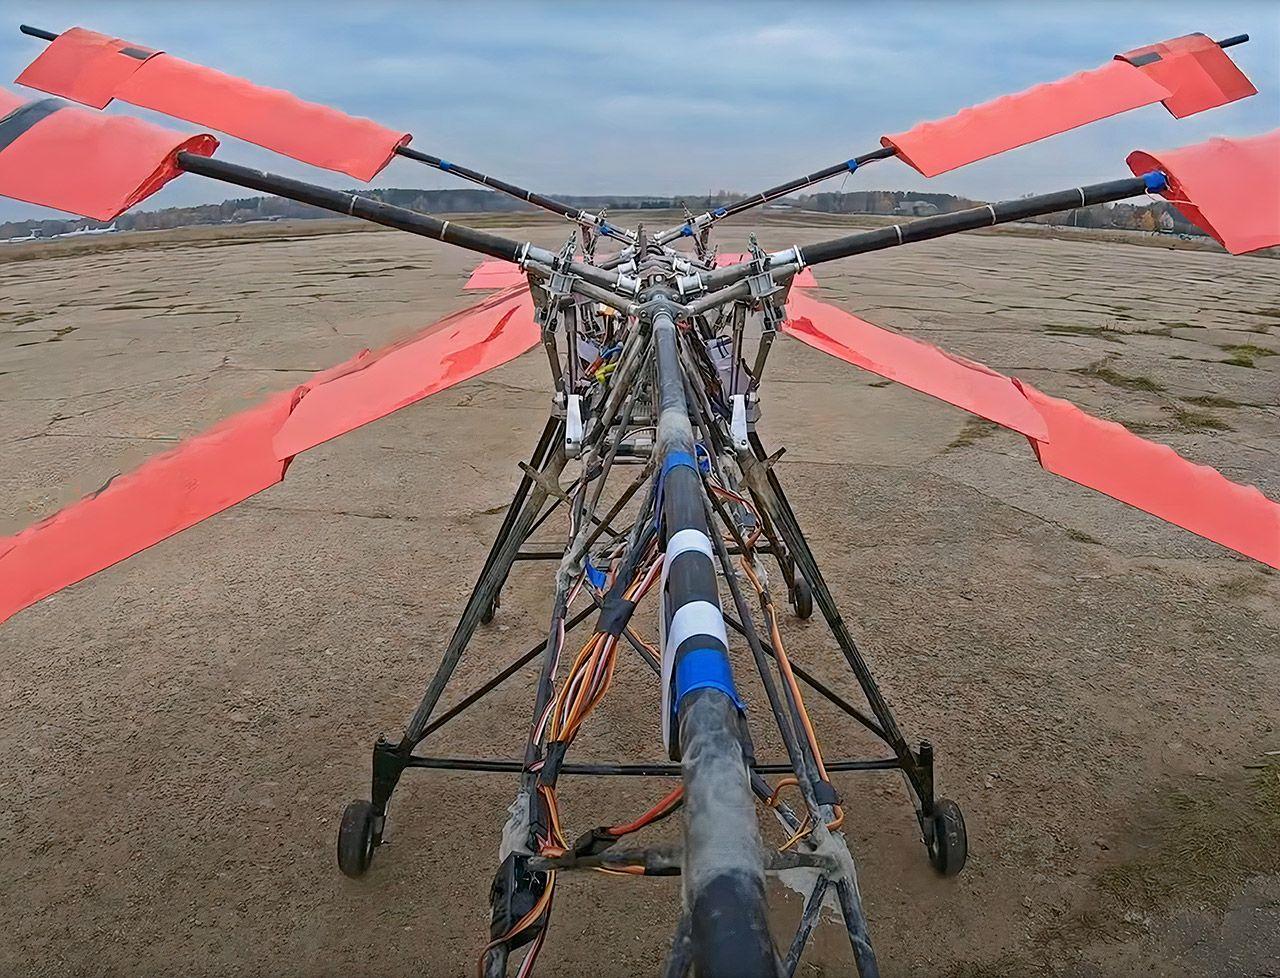 Российские изобретатели построили летательную машину - махолет, копирующую полет стрекозы